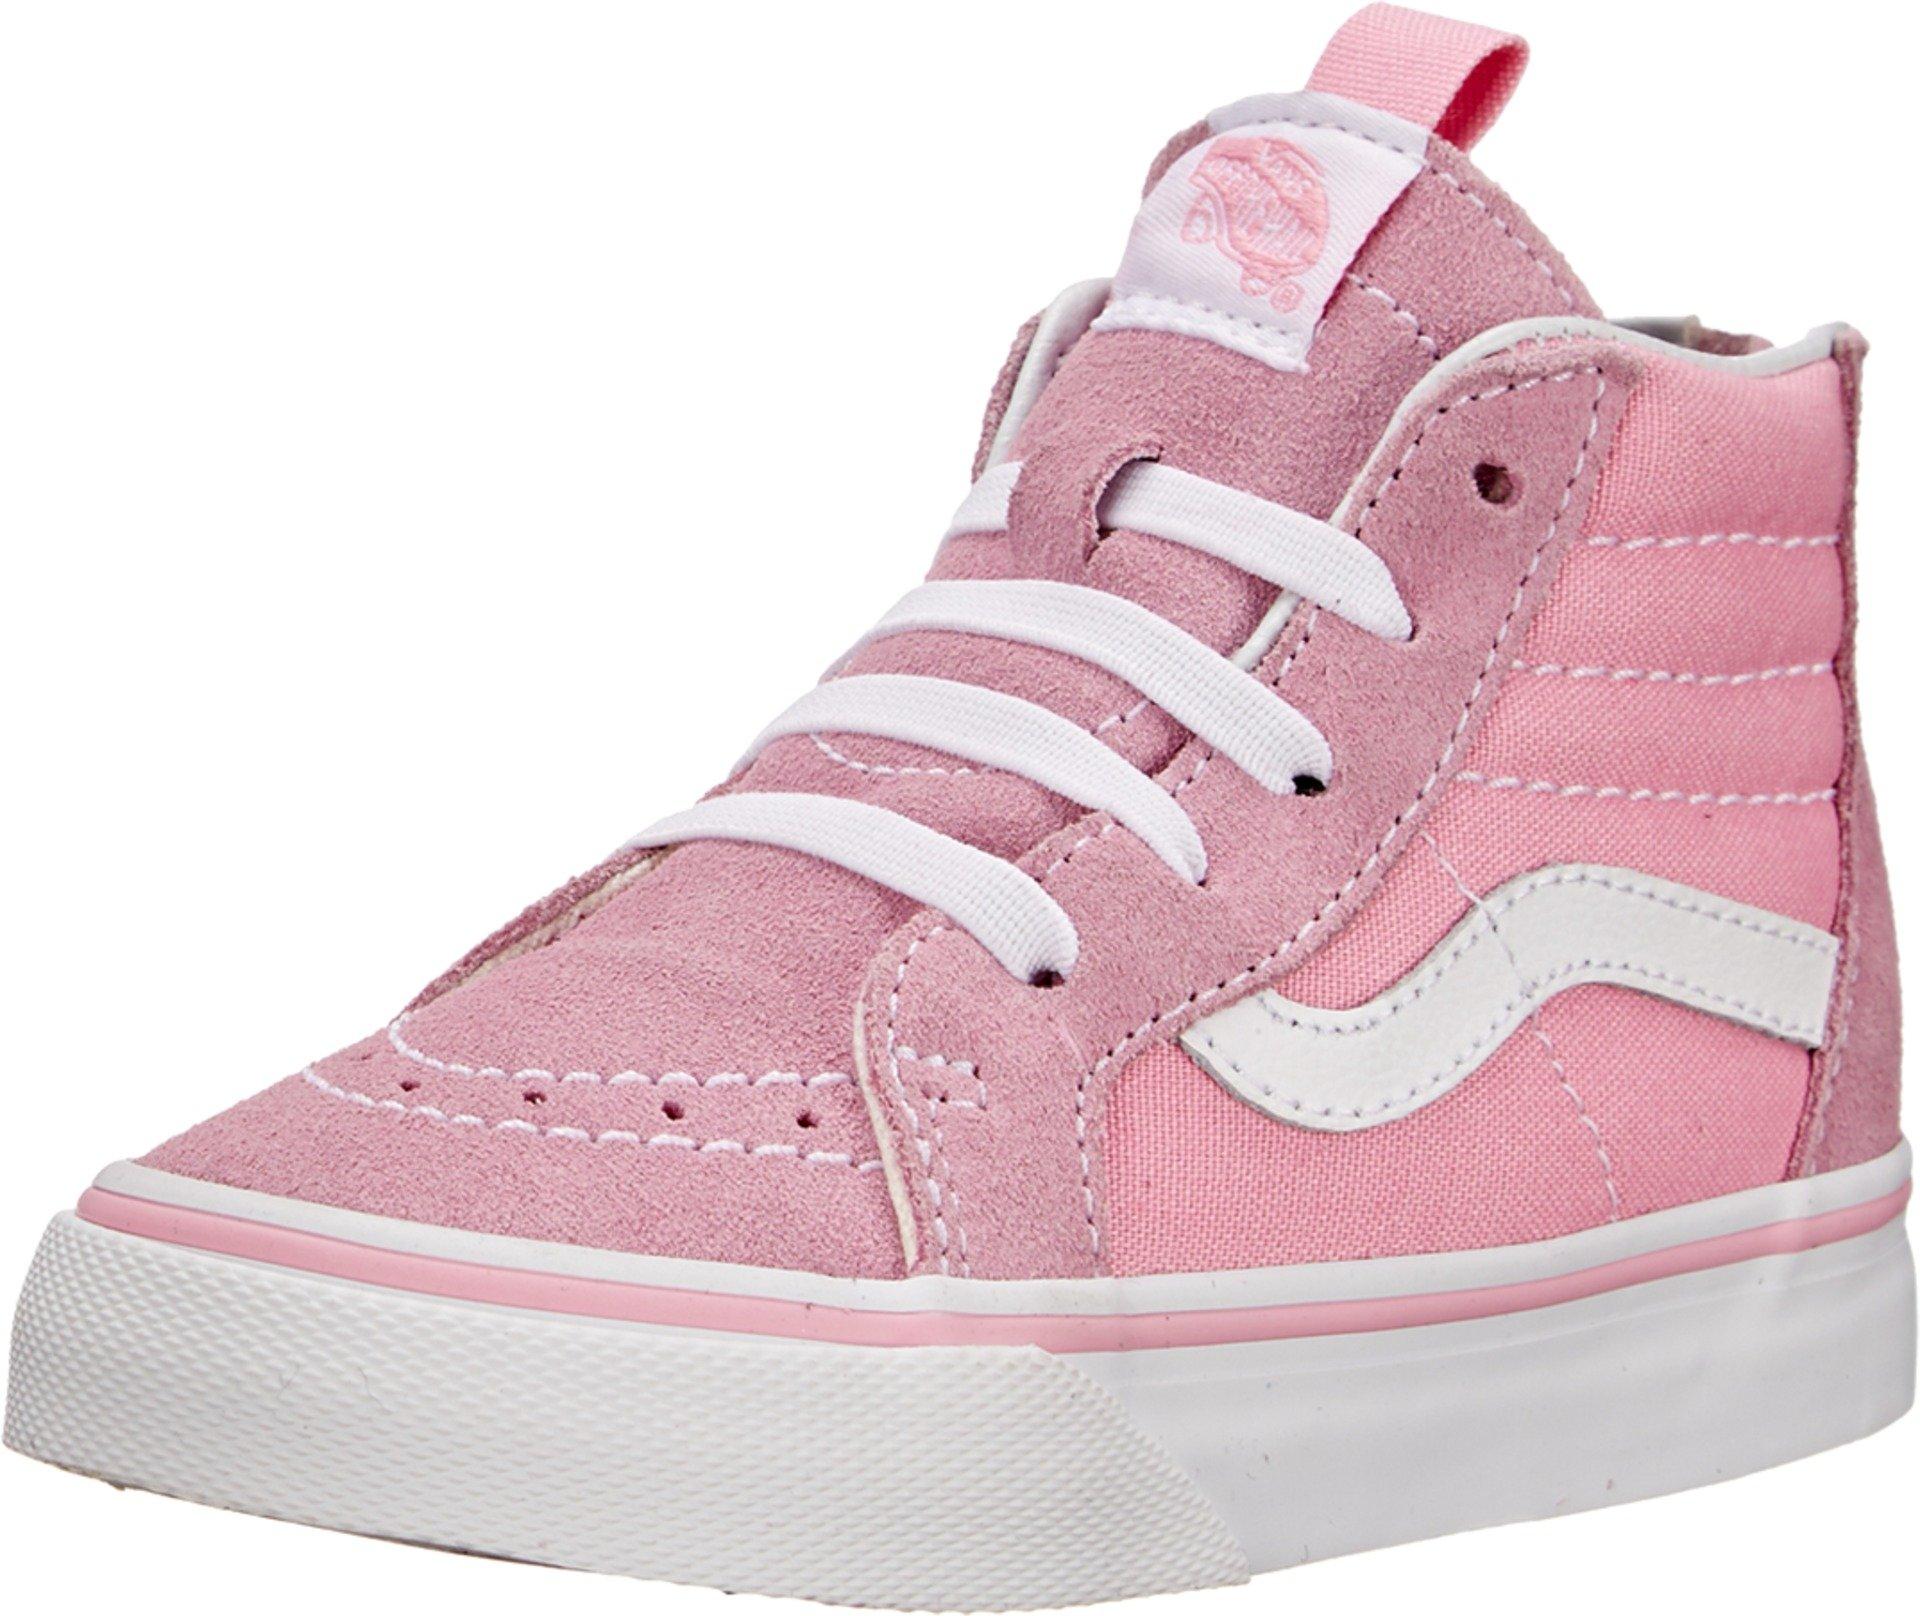 Vans Kids Sk8-Hi Zip Prism Pink/True